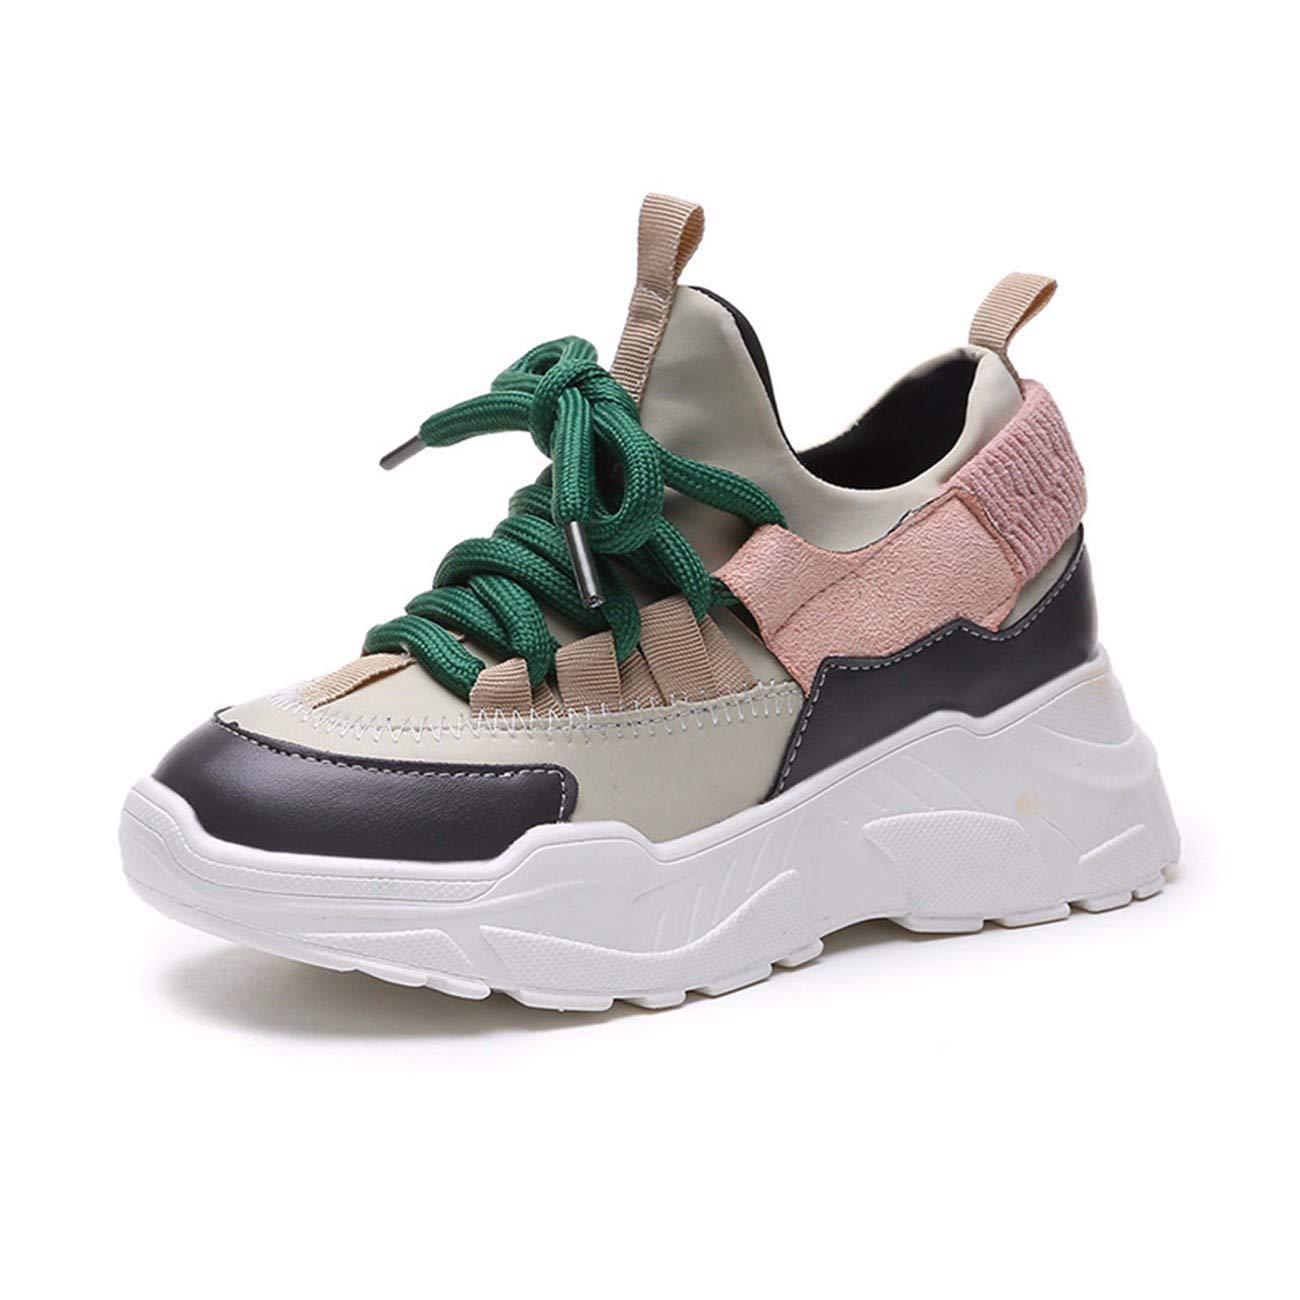 QPGGP-Boots Sports Et Loisirs Les Chaussures De Femmes.